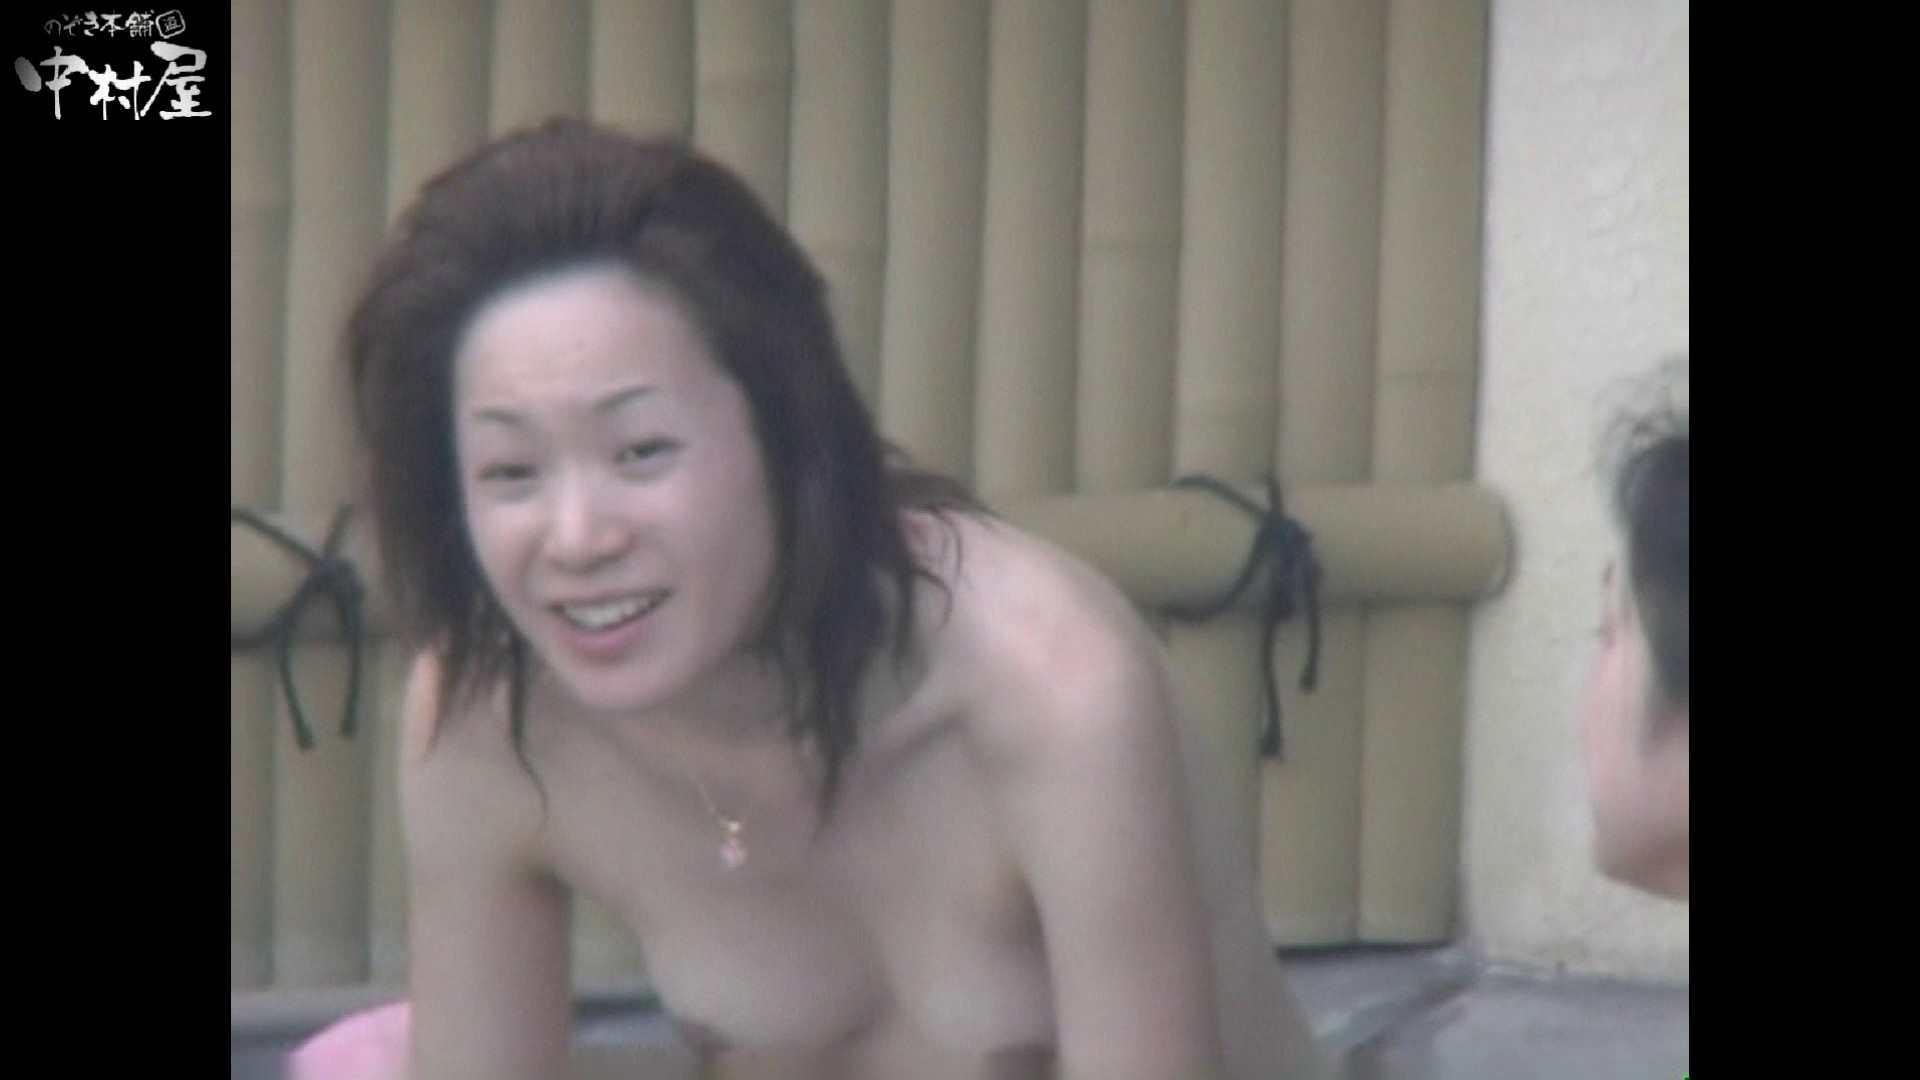 Aquaな露天風呂Vol.939 盗撮師作品   美しいOLの裸体  100pic 10